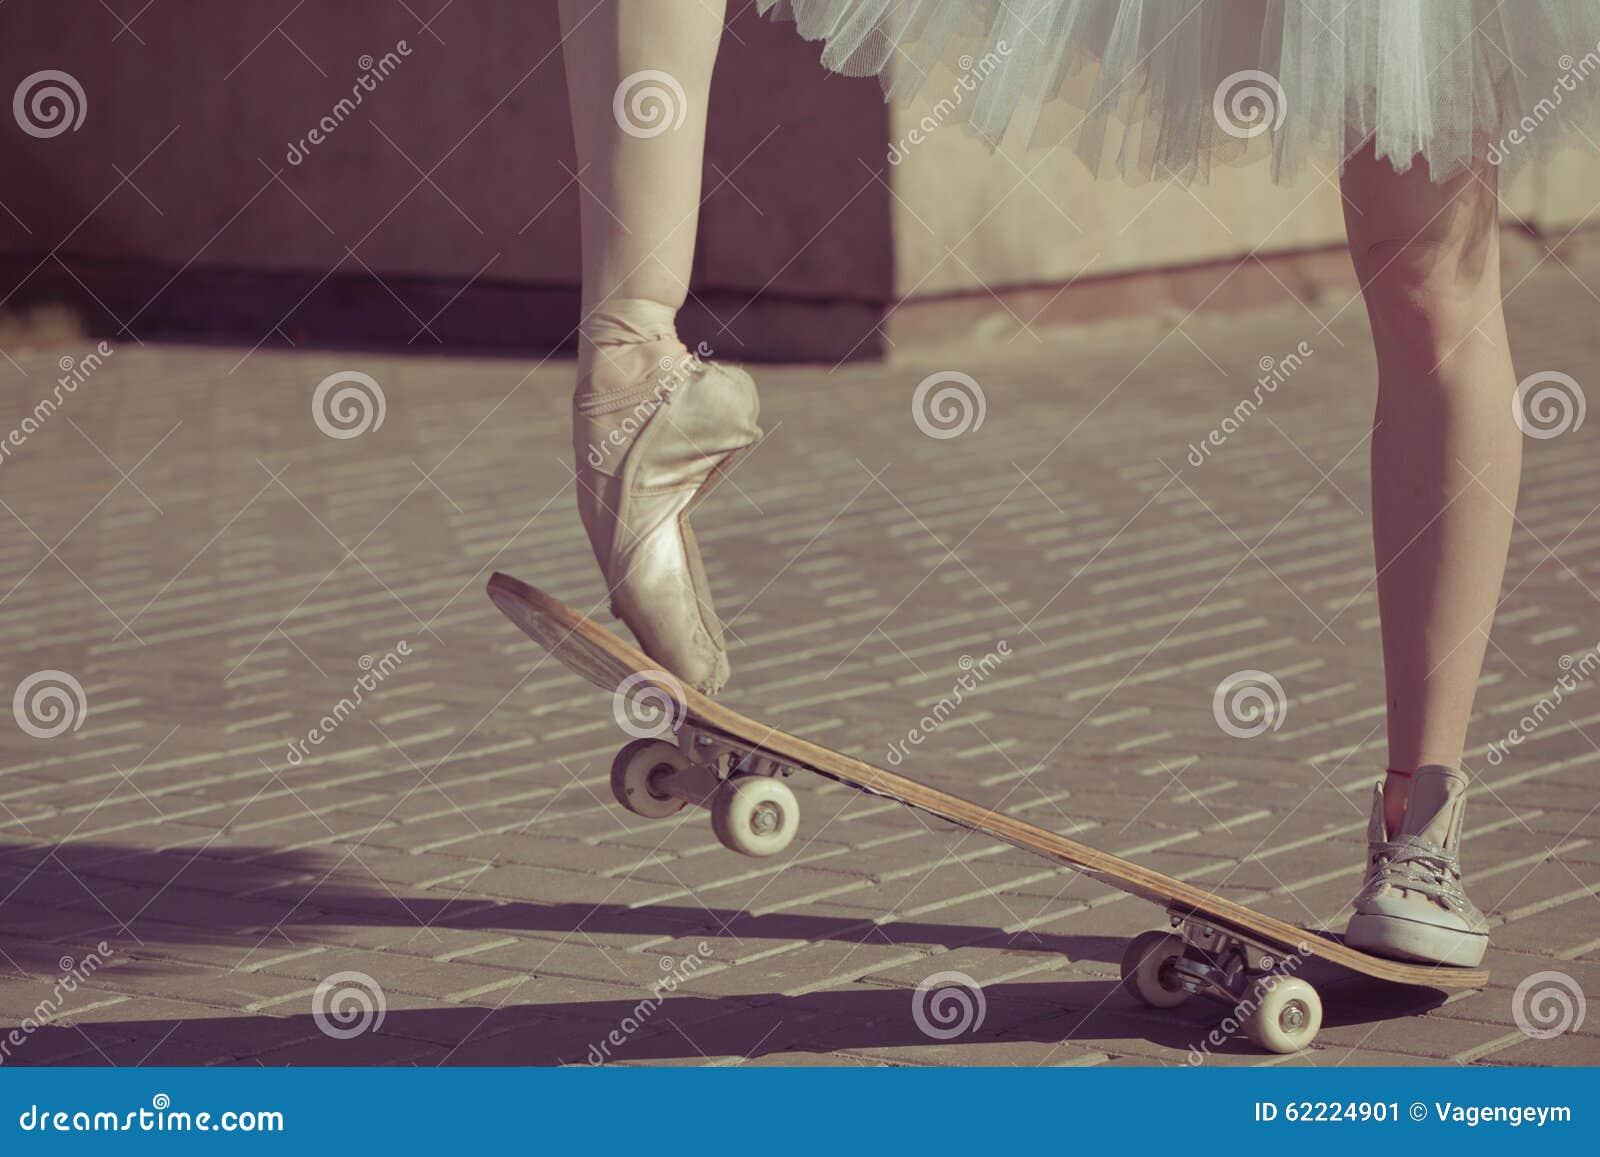 Fantastisch Download Die Beine Einer Ballerina Auf Einem Skateboard Stockbild   Bild  Von Mühelos, Elastisch: